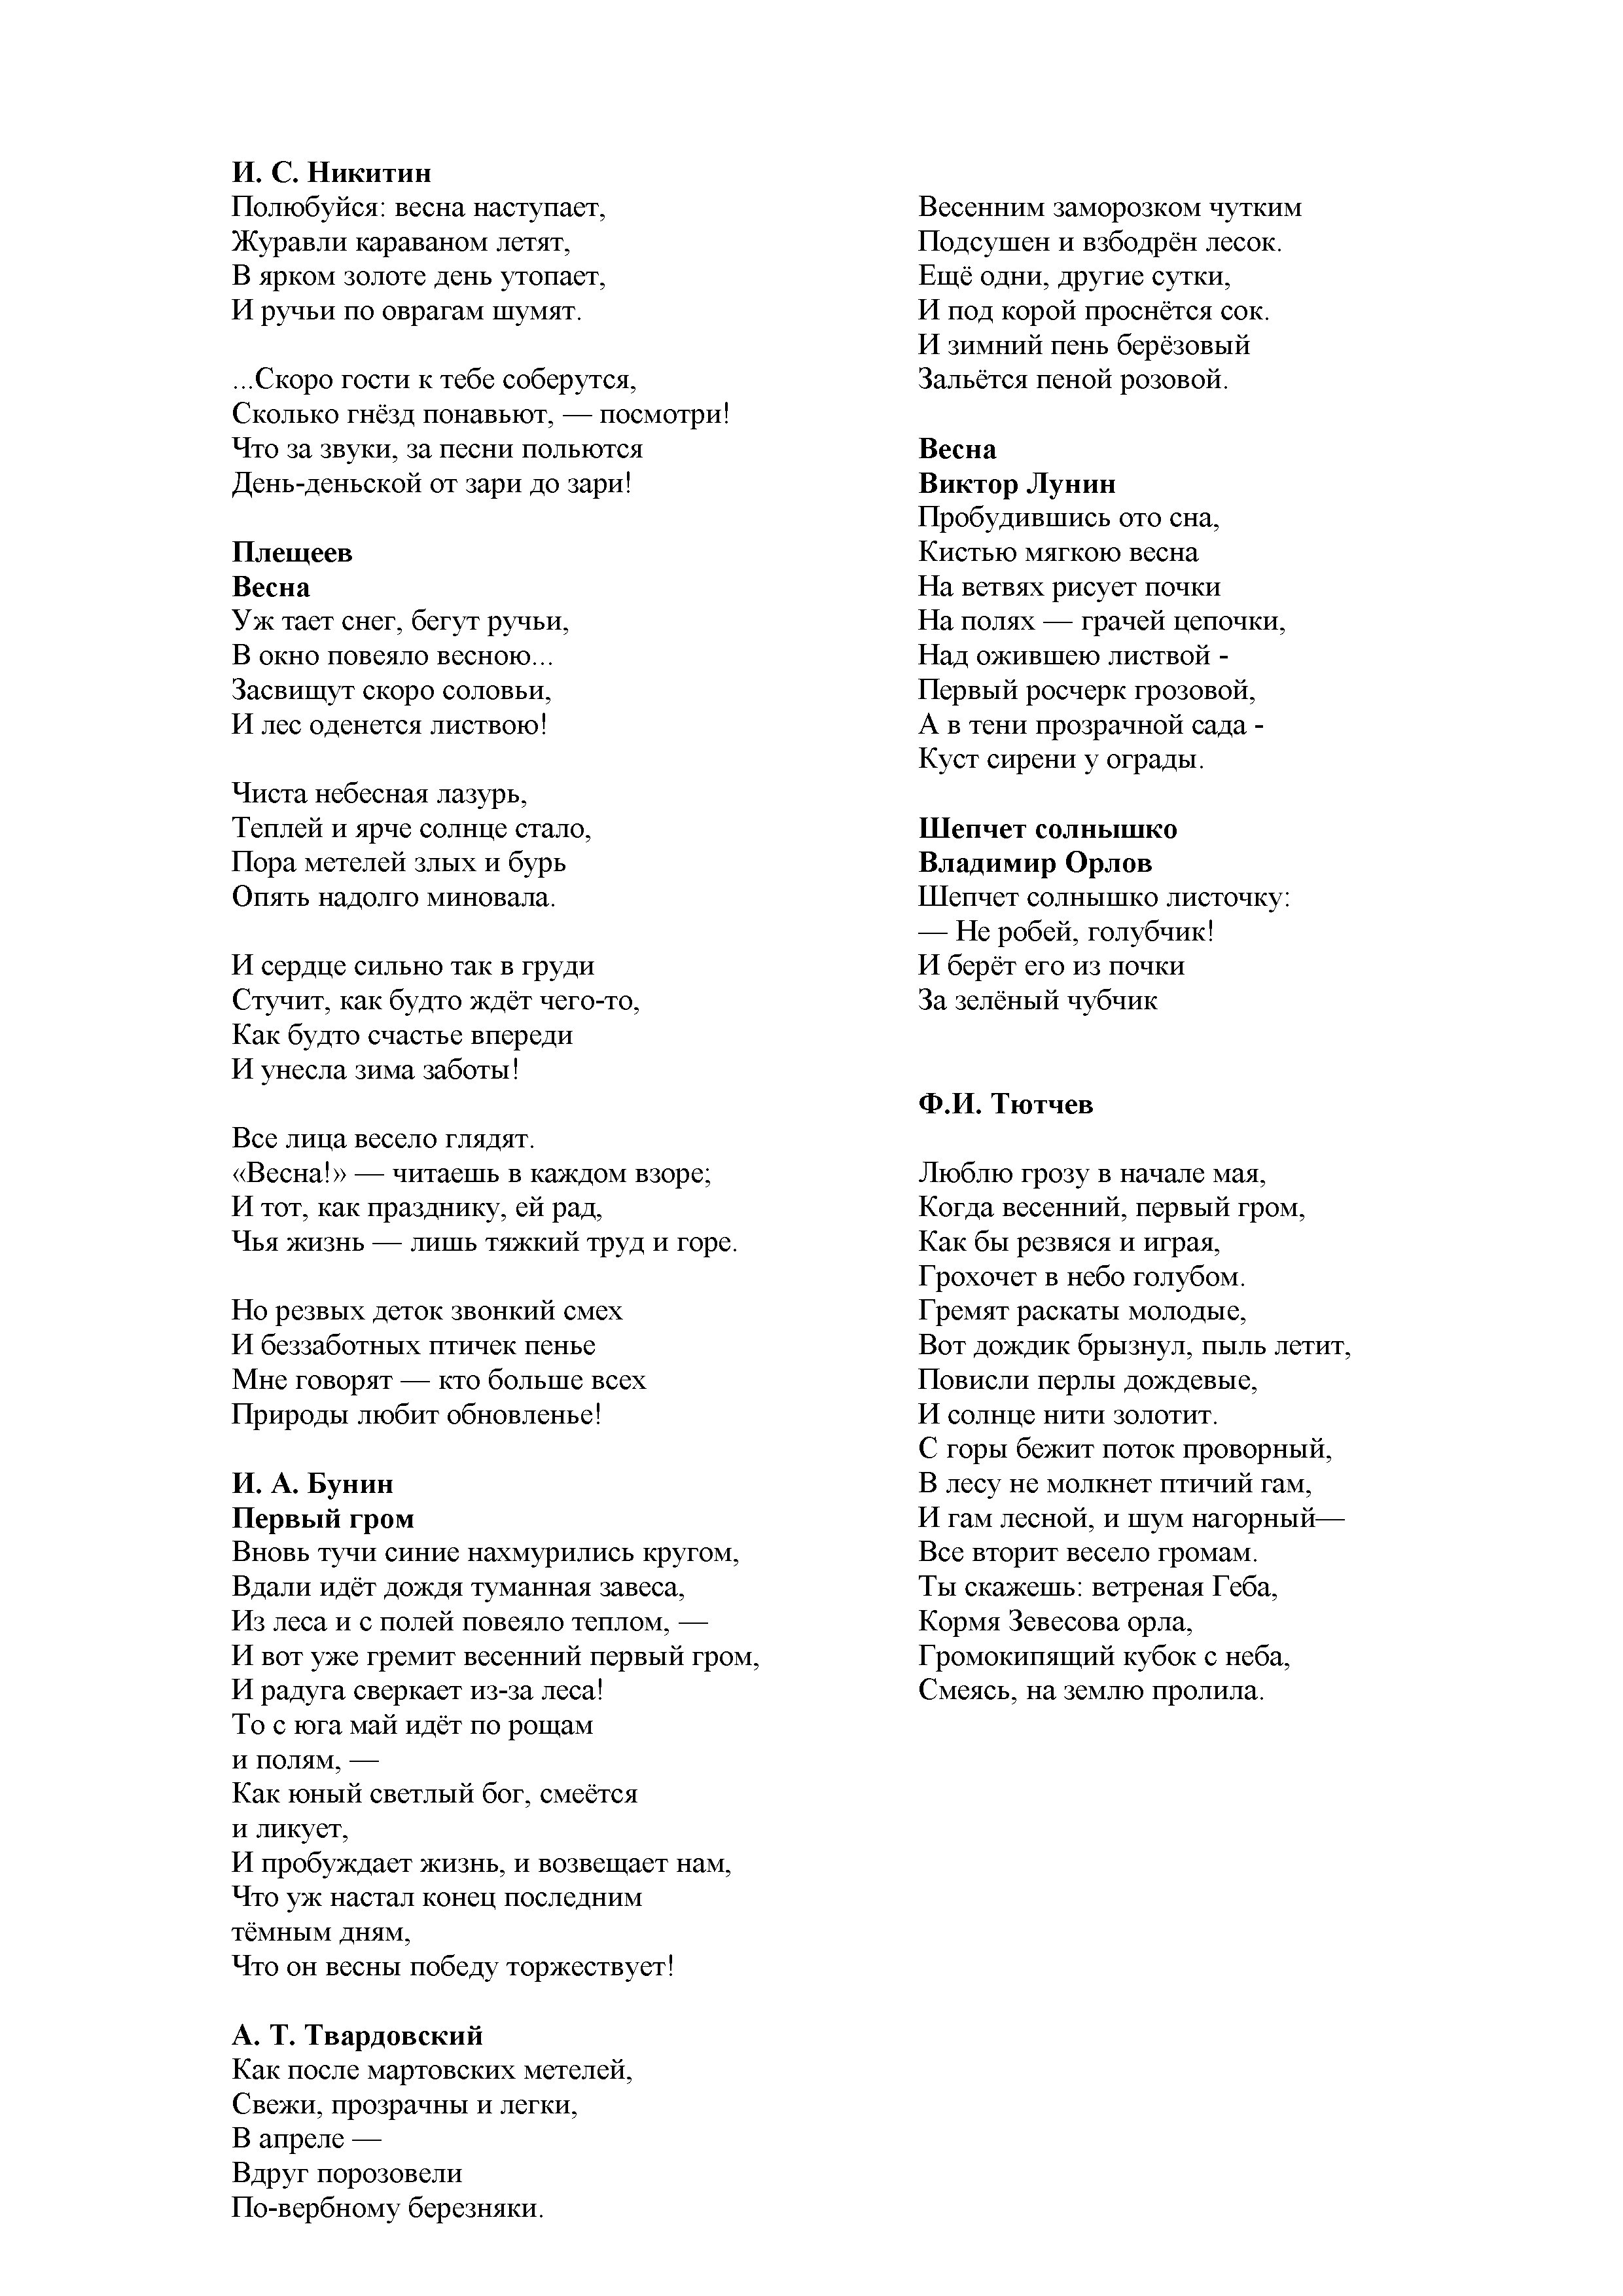 стихи тютчева которые легко учатся 4 строки